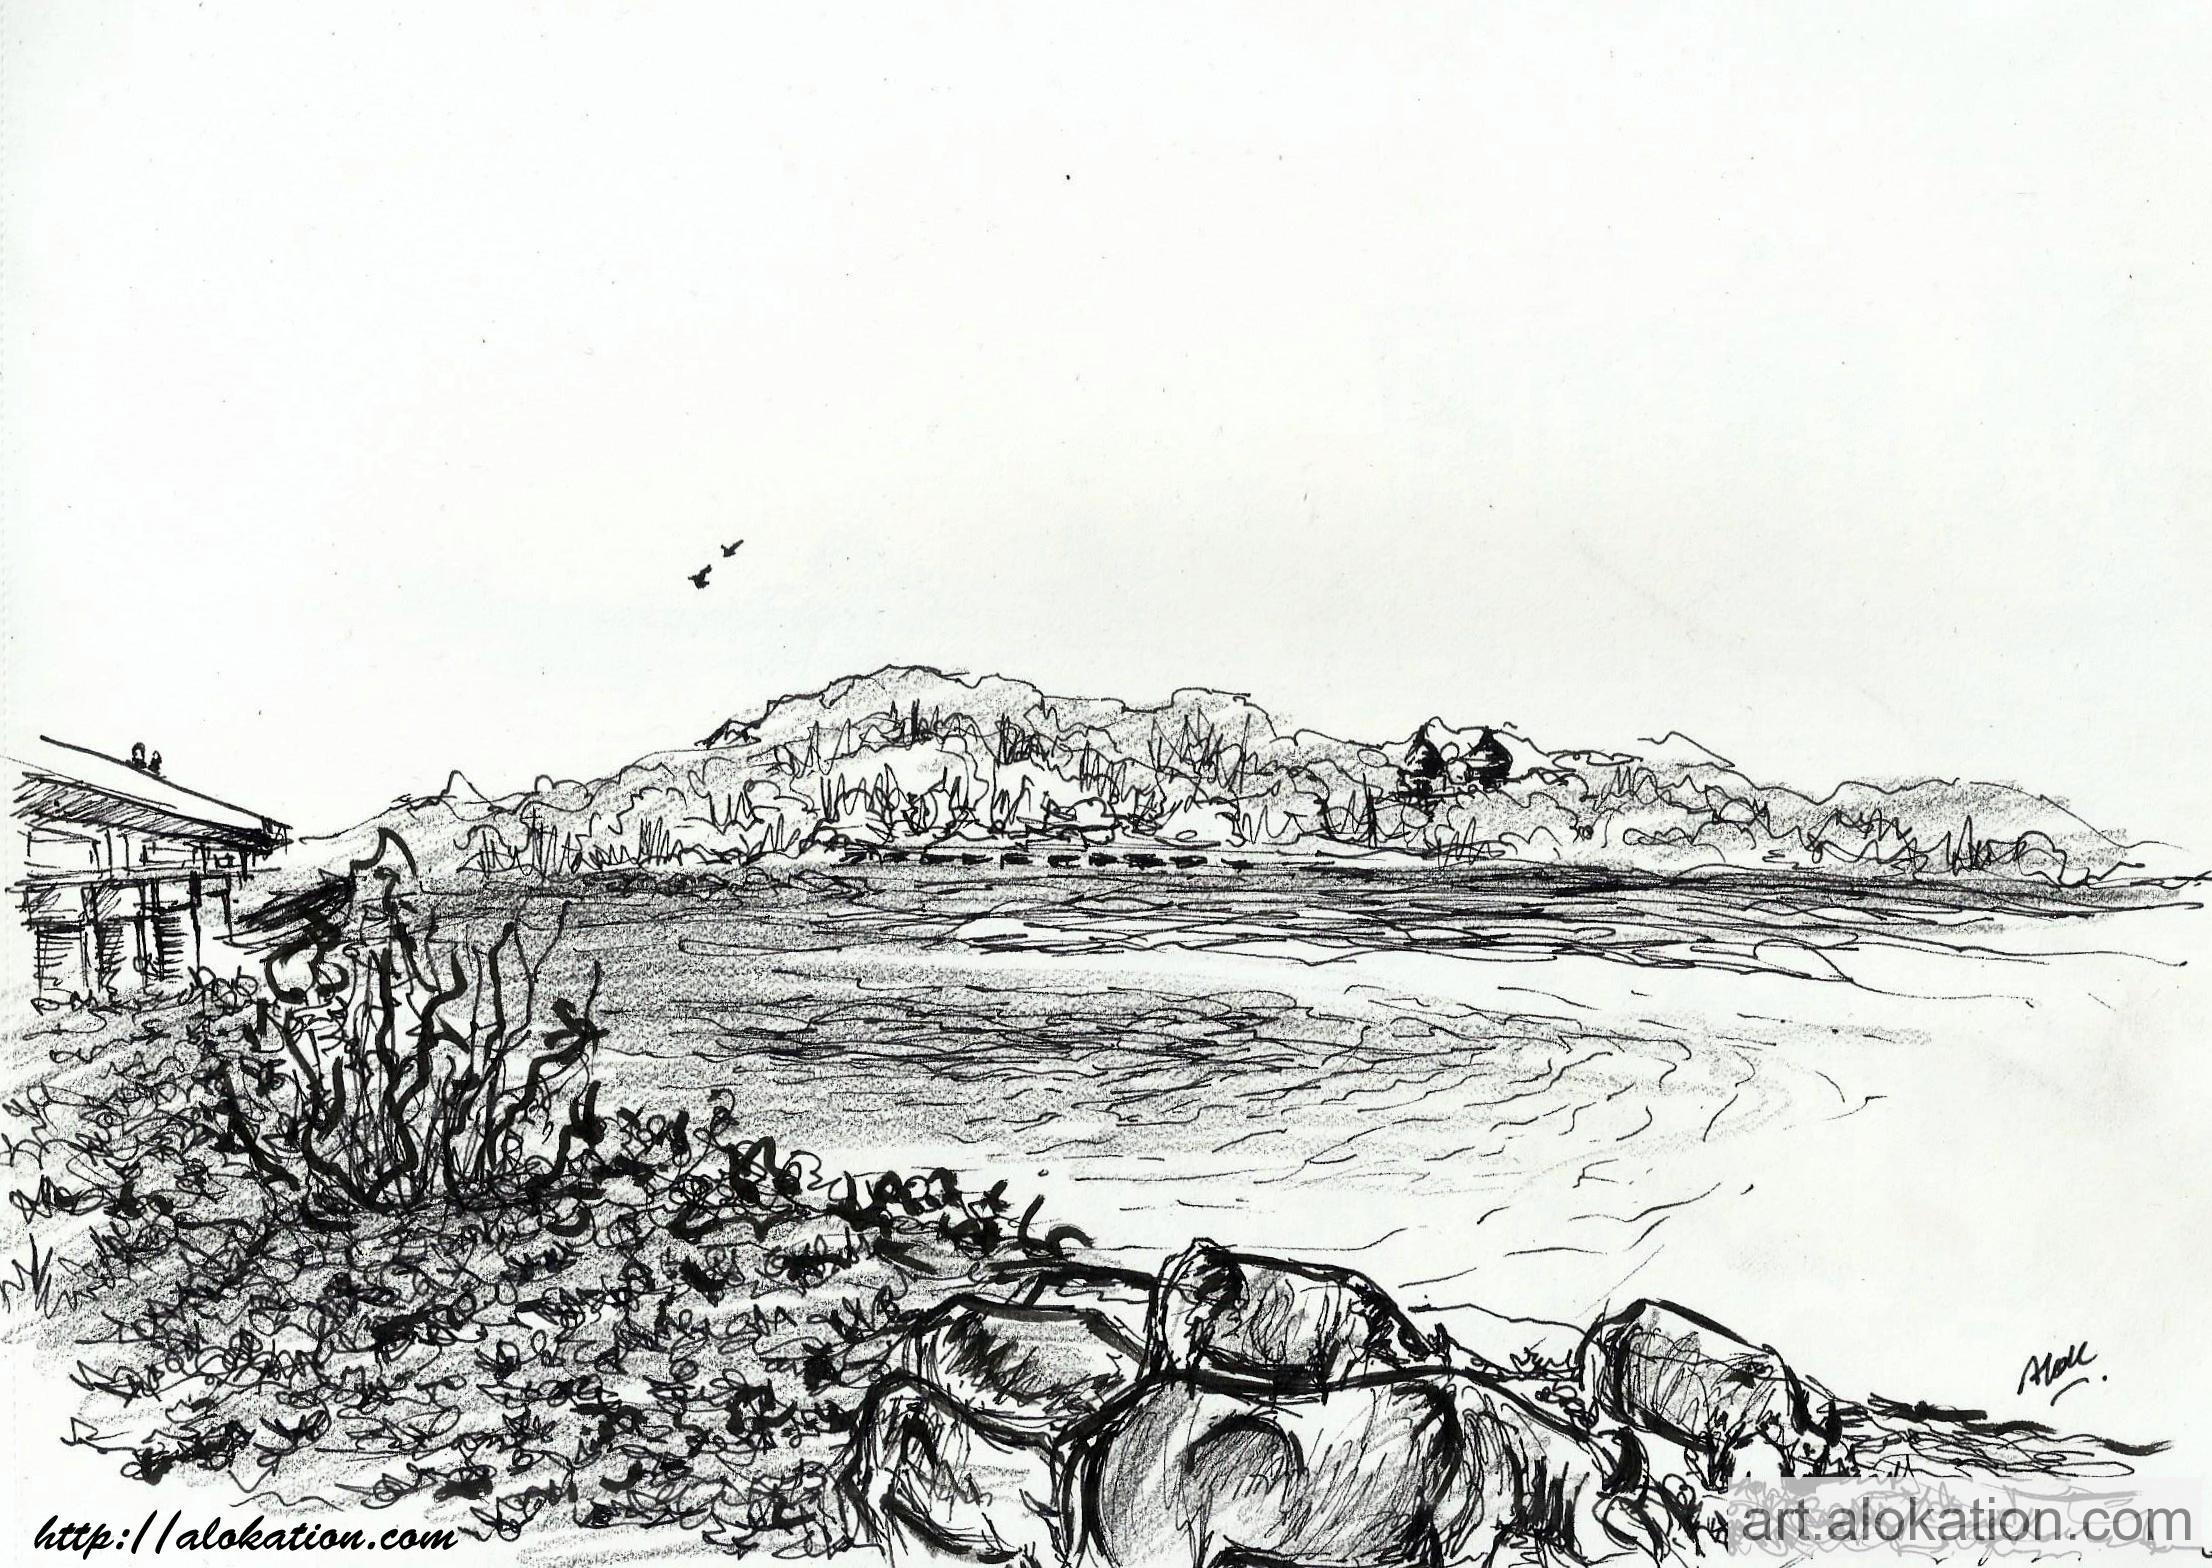 alokation-sketch-06041403